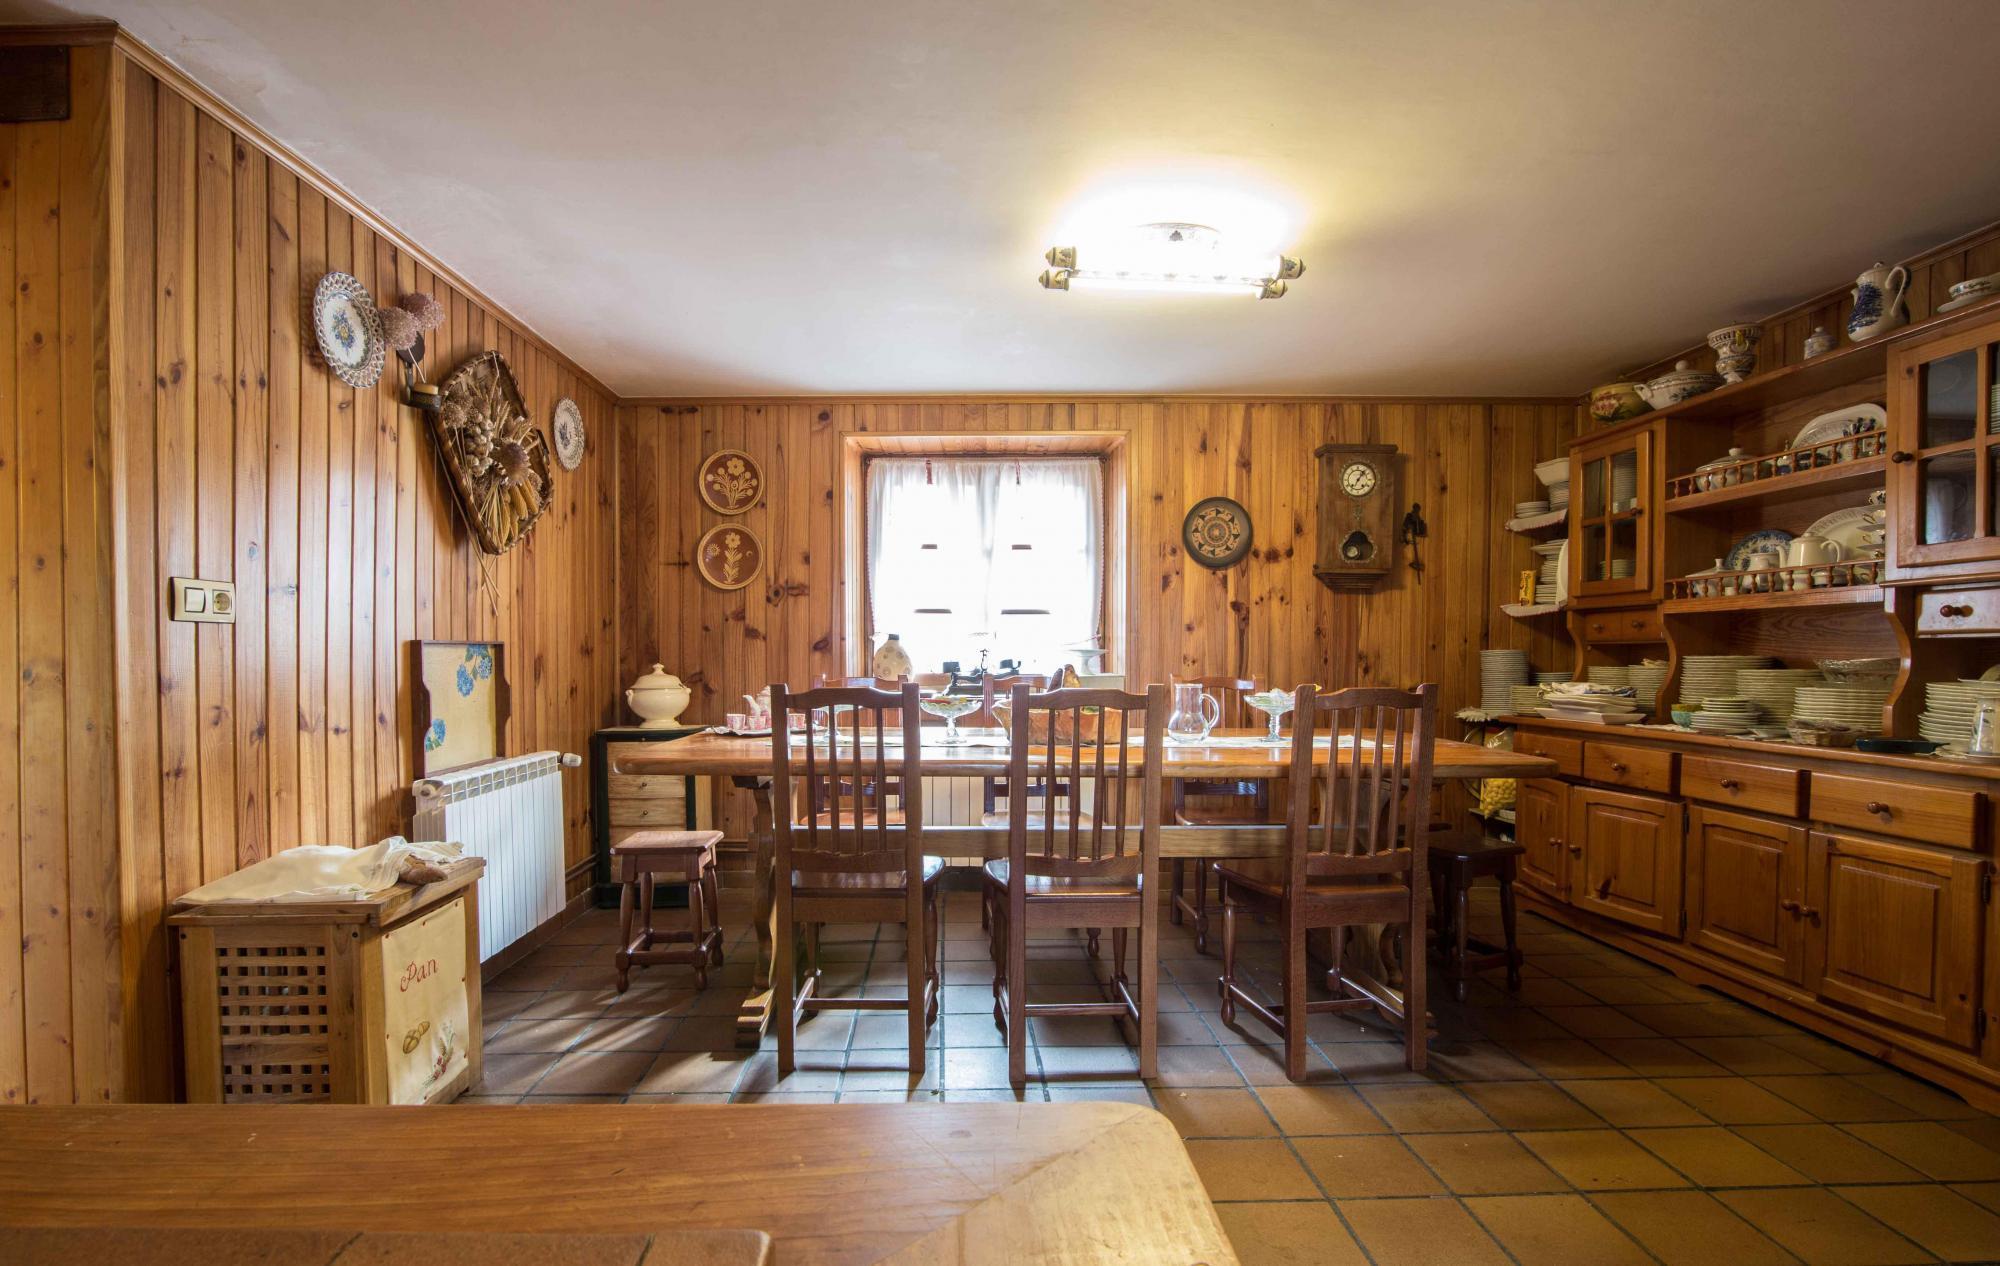 Fotos de casa de sixto a coru a paderne clubrural - Casa de sixto paderne ...